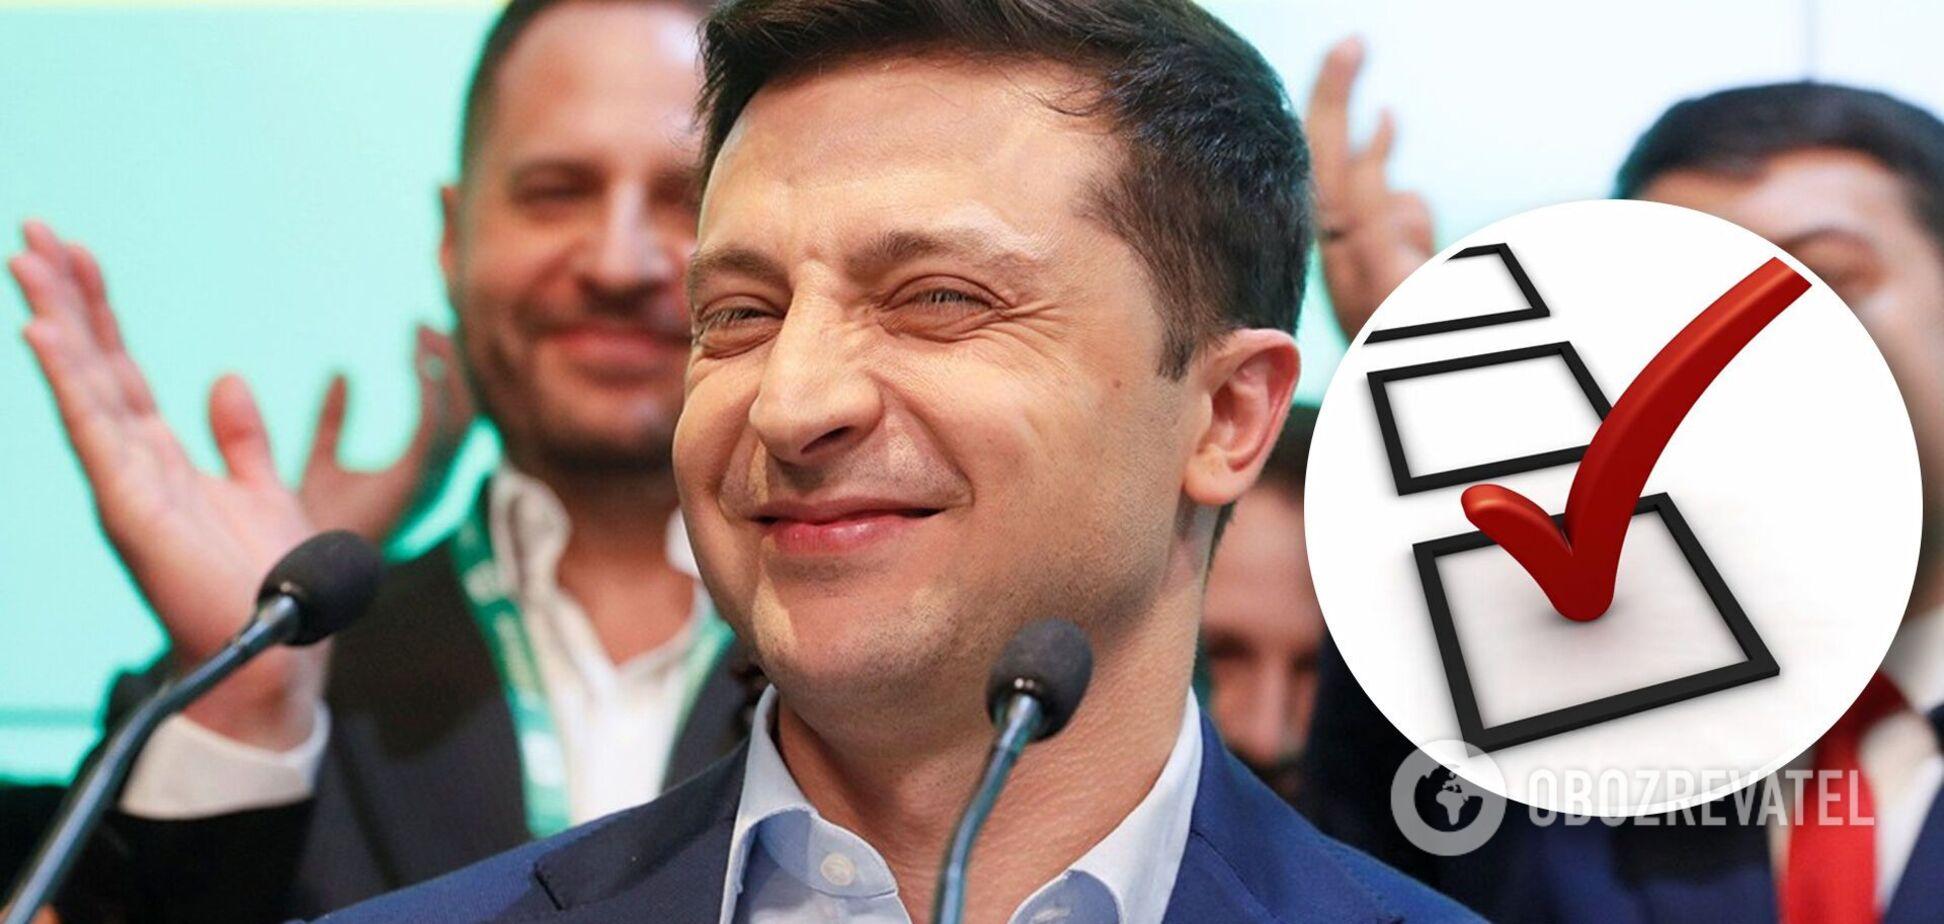 Зеленский заявил, что хочет знать мнение каждого